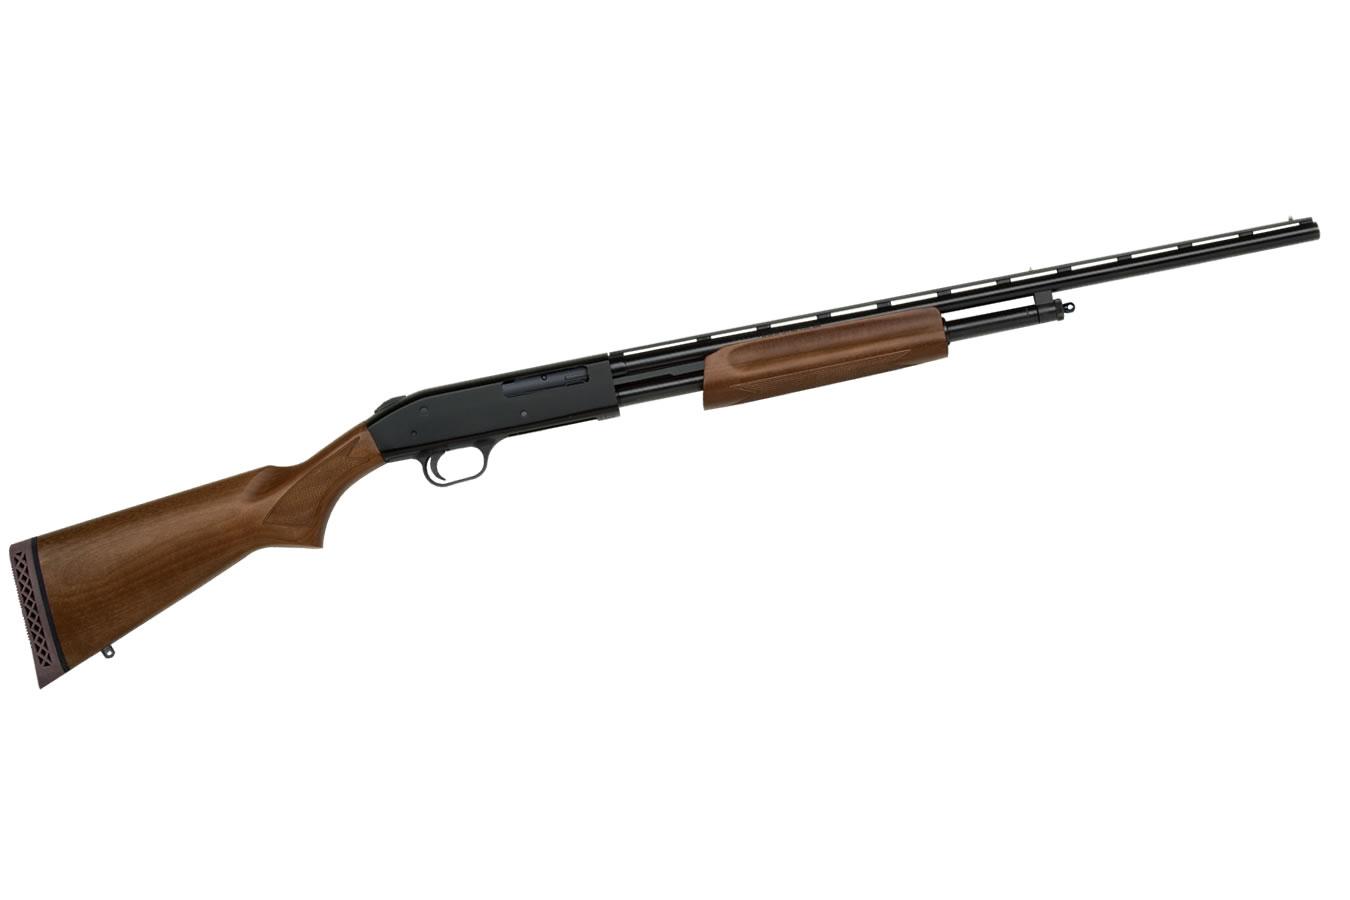 Mossberg 500 410 Gauge All Purpose Field Pump Shotgun ...  Mossberg 500 41...